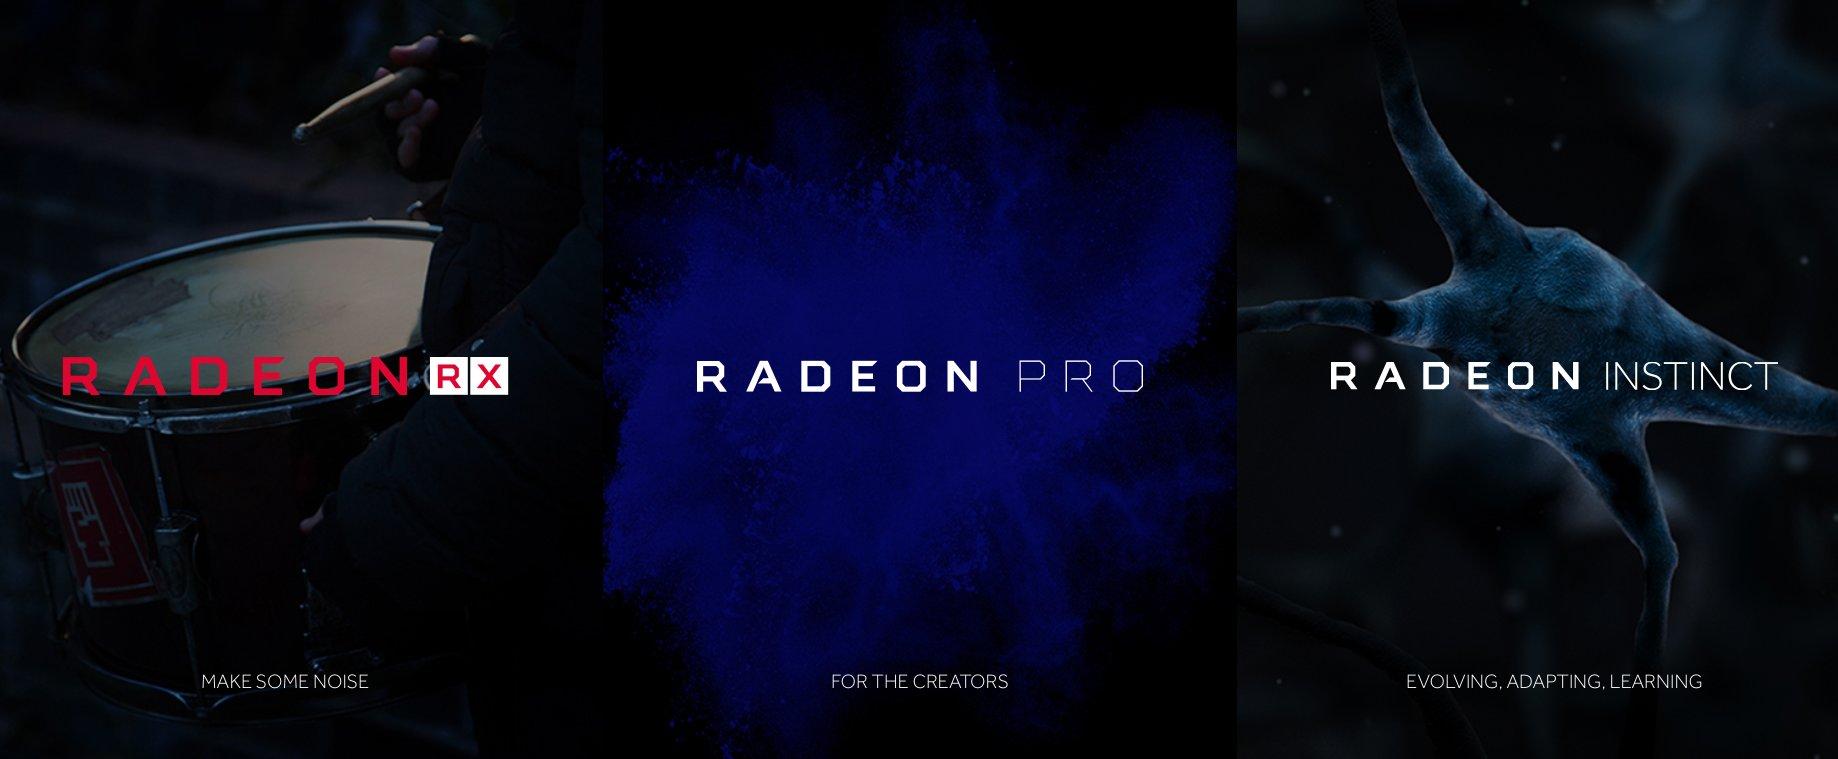 Vega kommt als Radeon RX, Pro und Instinct